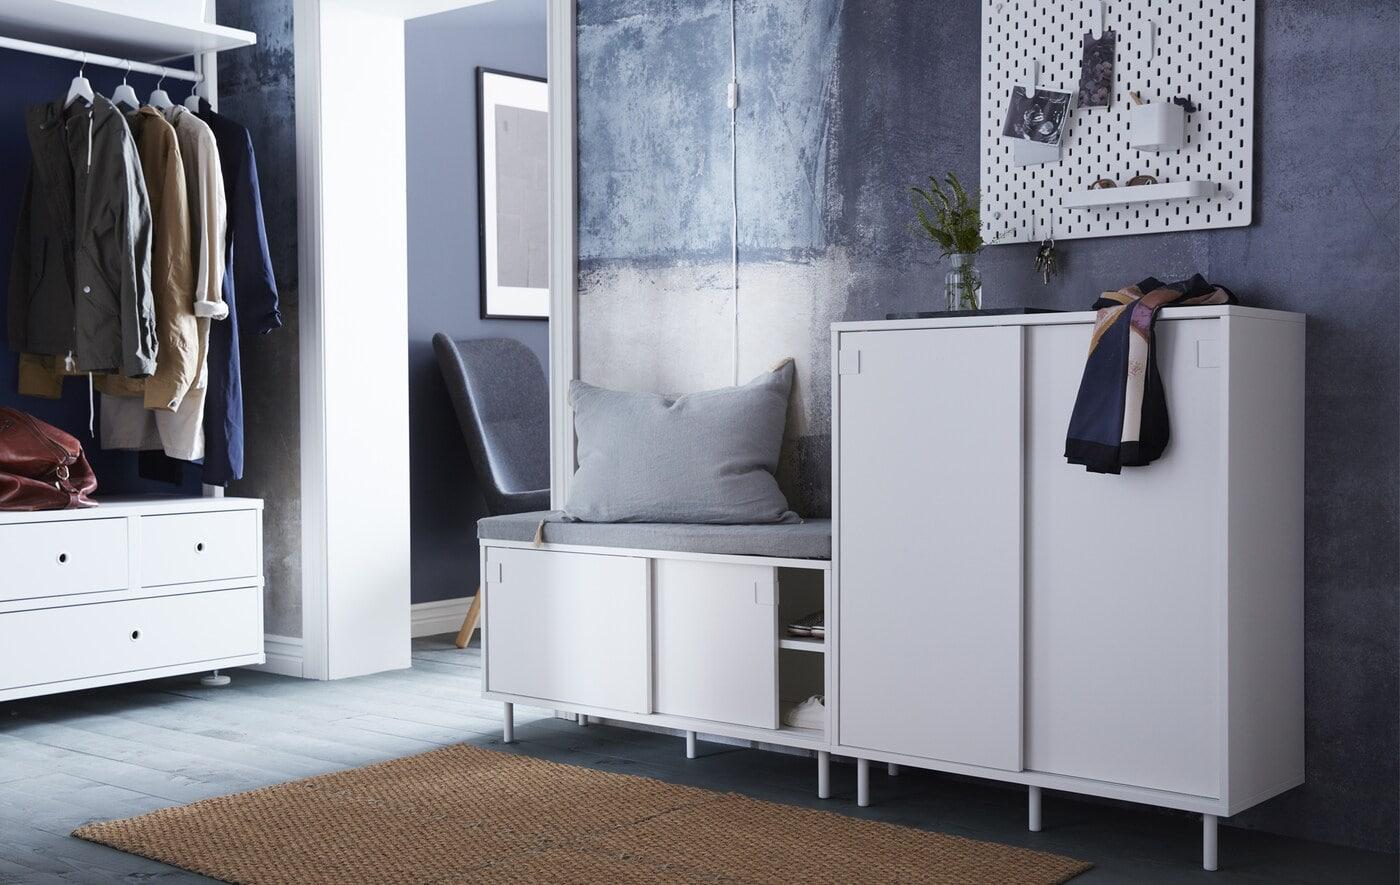 Ищете удобные решения для хранения в маленькой прихожей? ИКЕА предлагает широкий ассортимент мебели для прихожей: например, галошница МАККАПЭР с отделениями для хранения и раздвижными дверями, благодаря которым она еще более компактна.